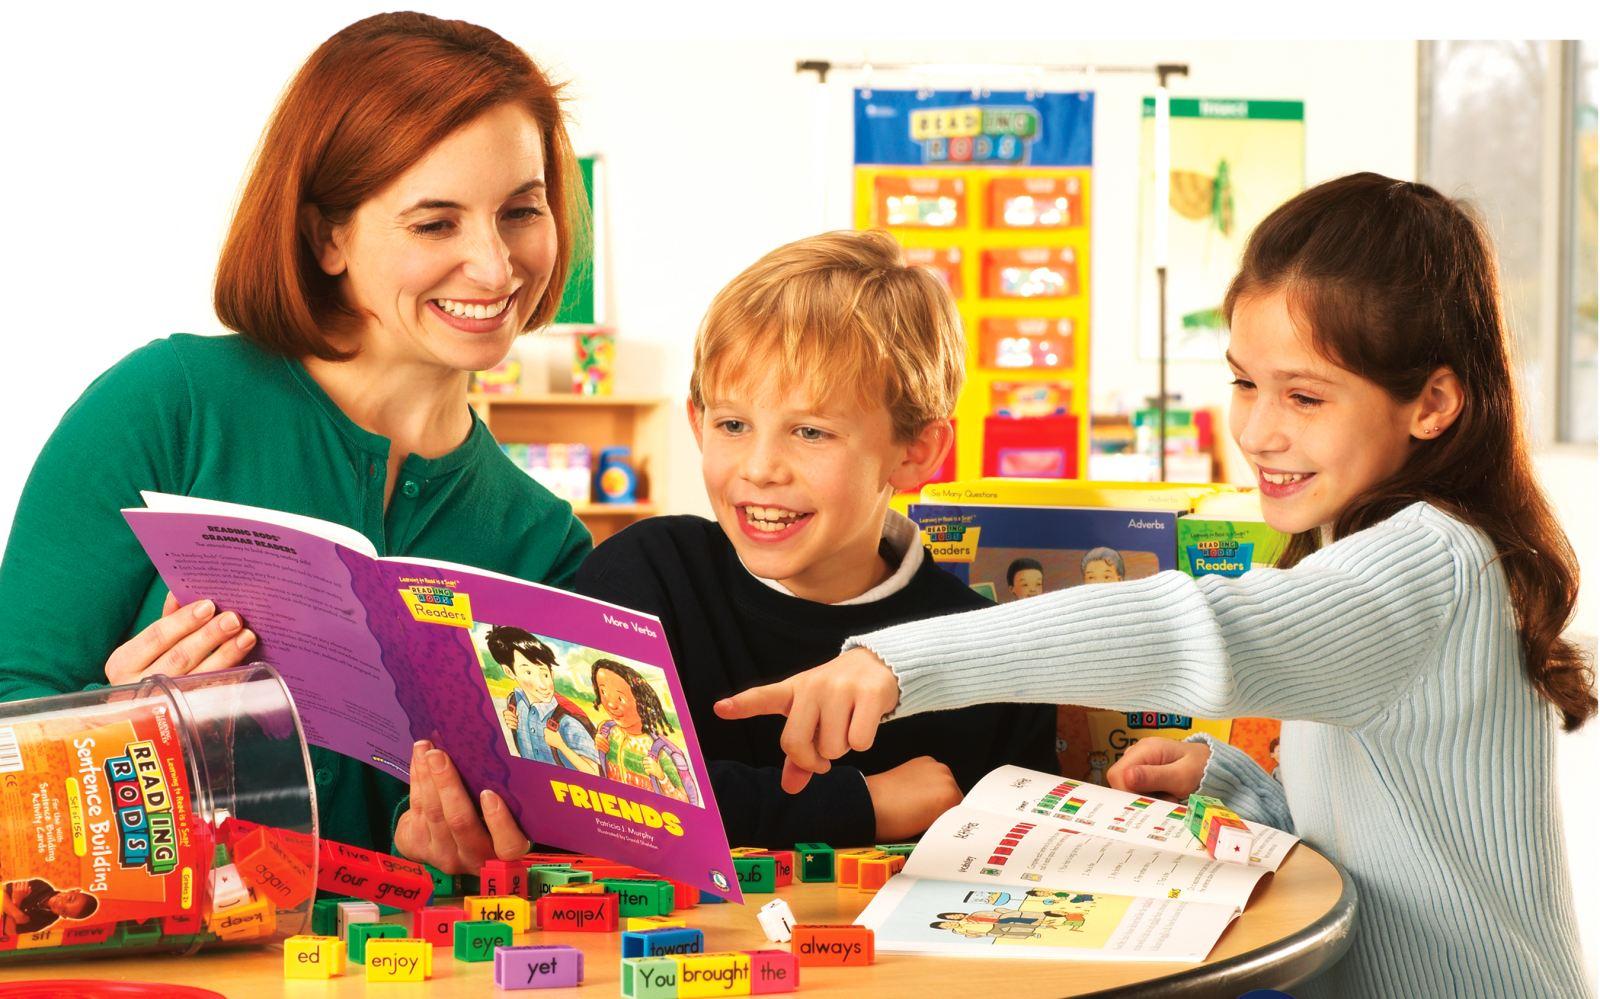 Năm bước đơn giản từ cha mẹ giúp bé học toán lớp 3 mau hiểu bài